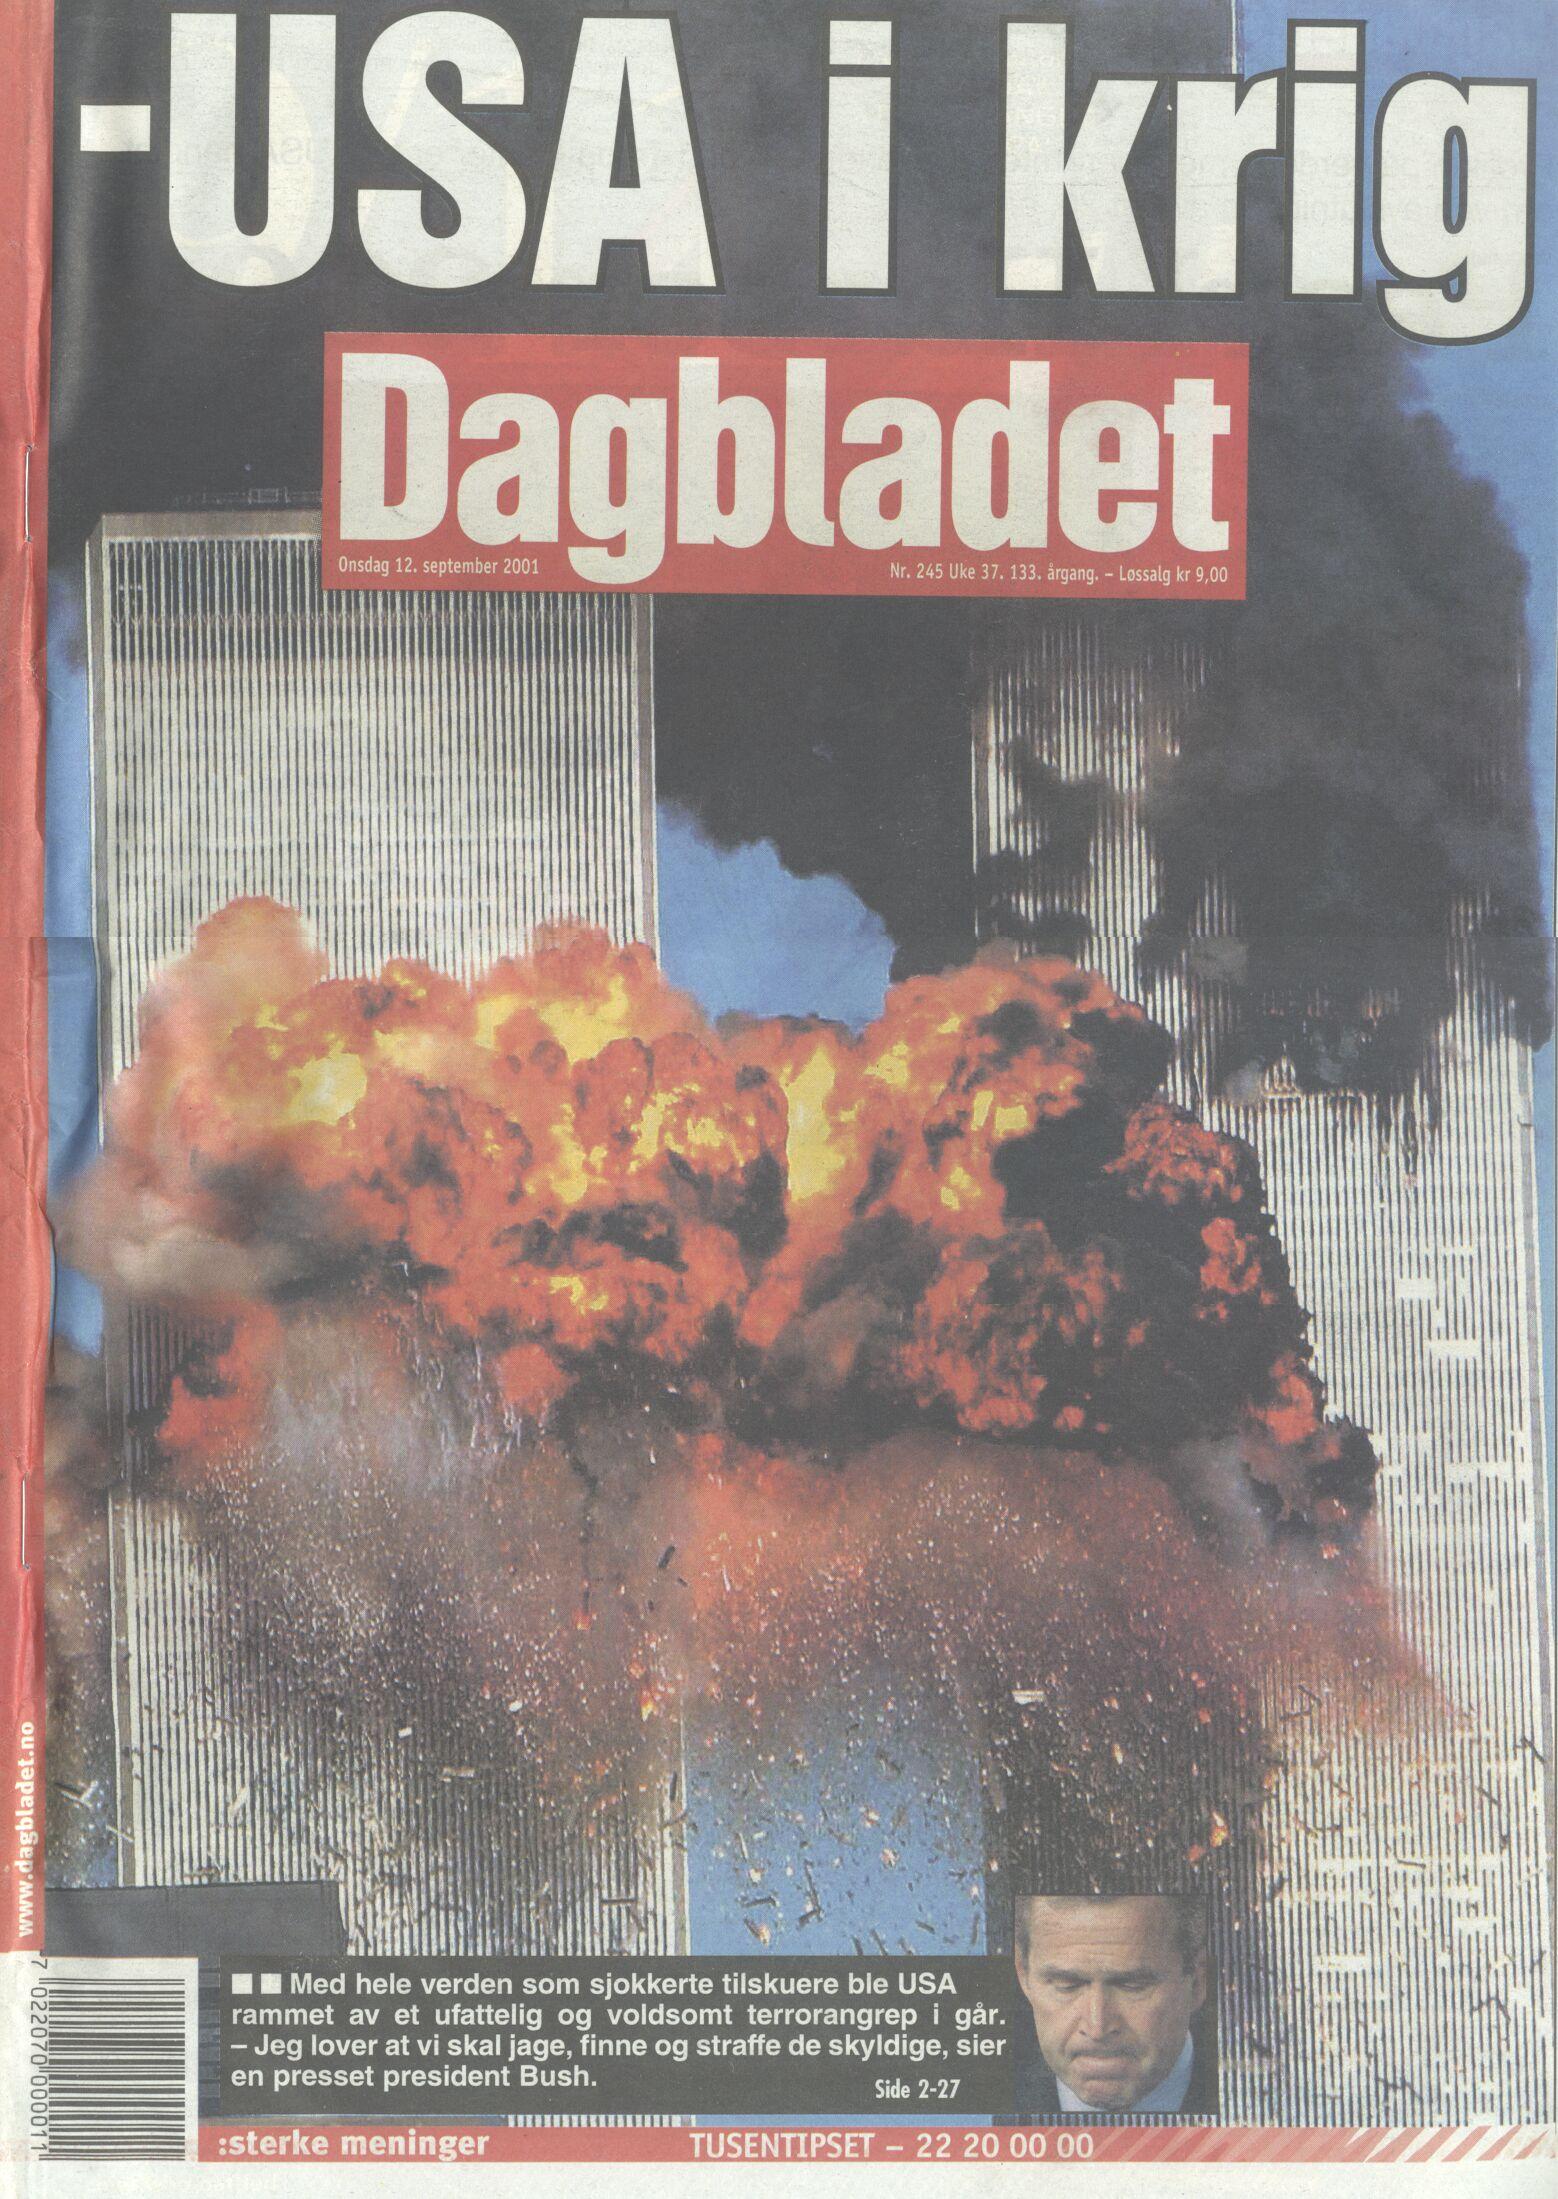 Billede 3. Forsiden af den norske avis Dagbladet, 12. September, 2001.